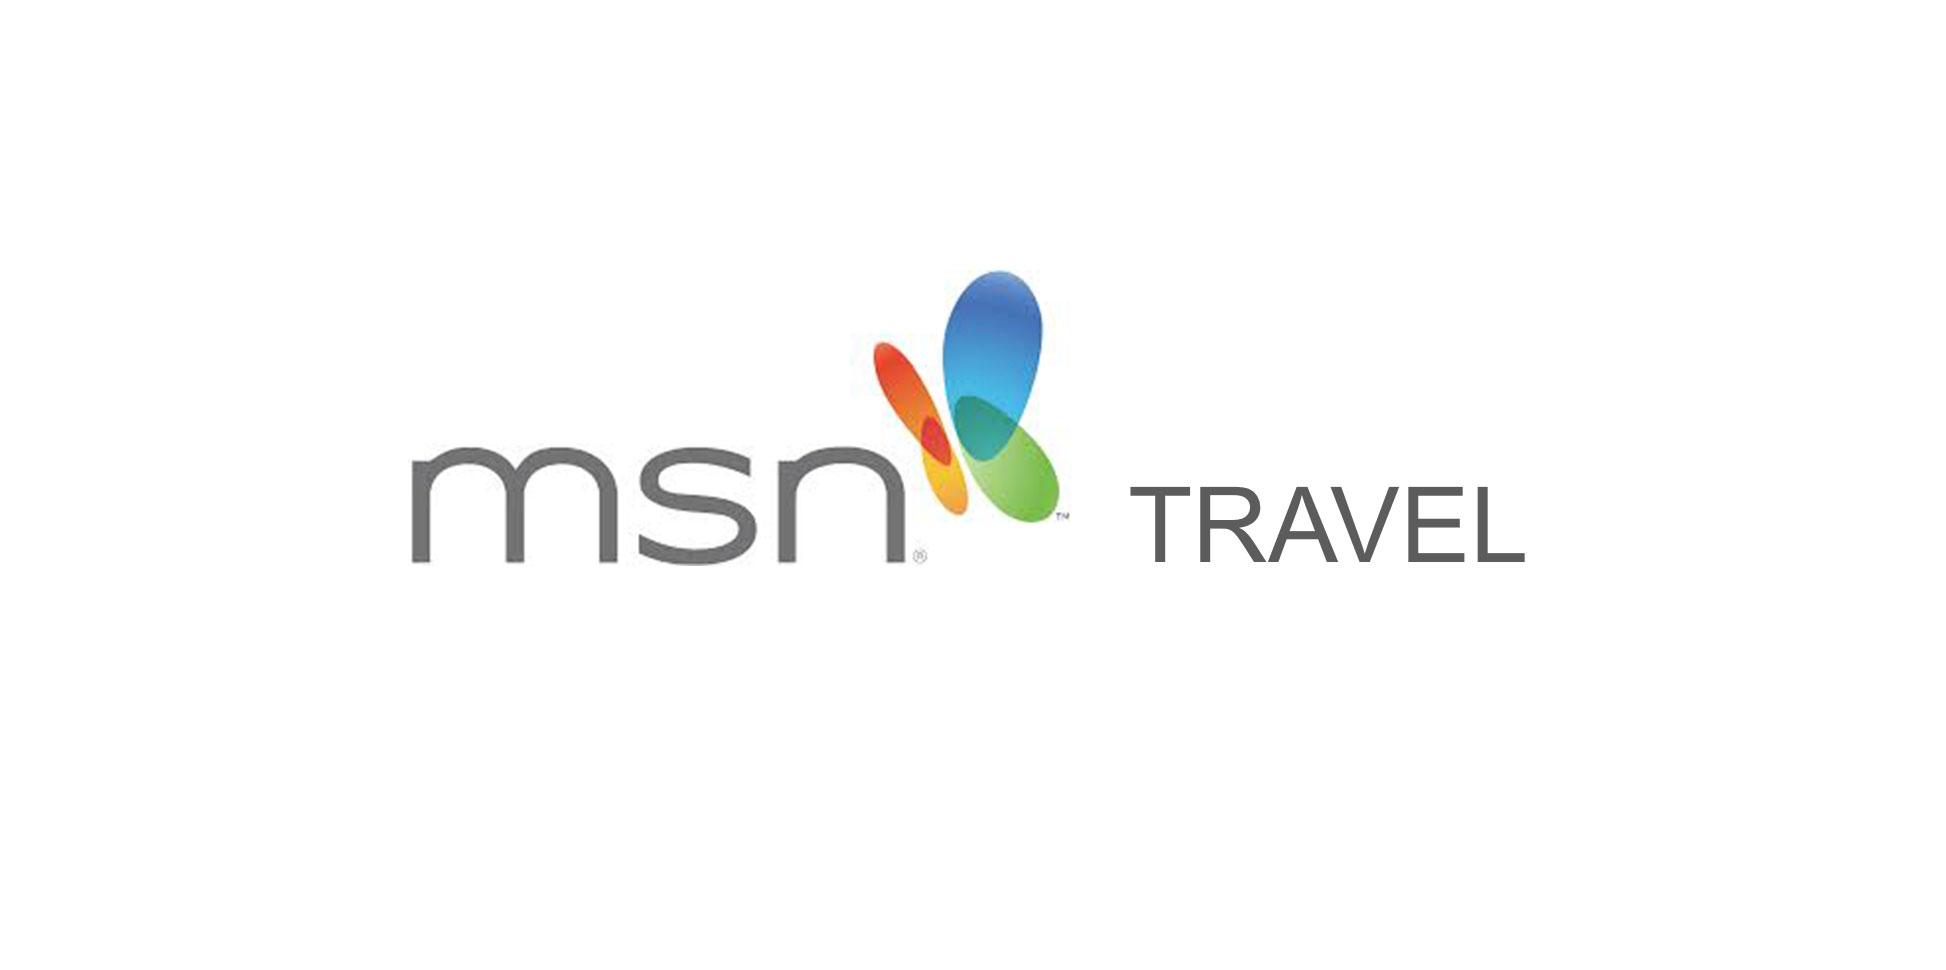 msn-travel-logo.png